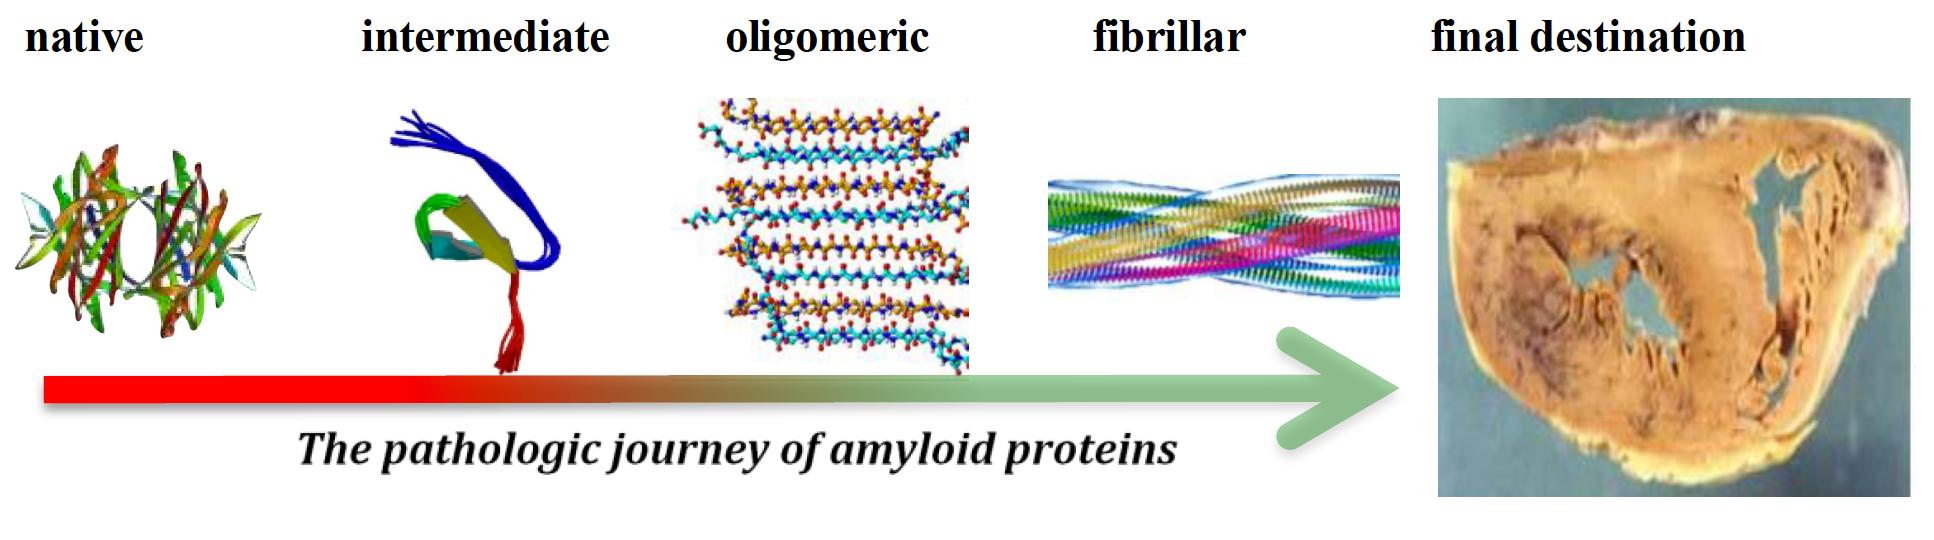 amyloid-journey